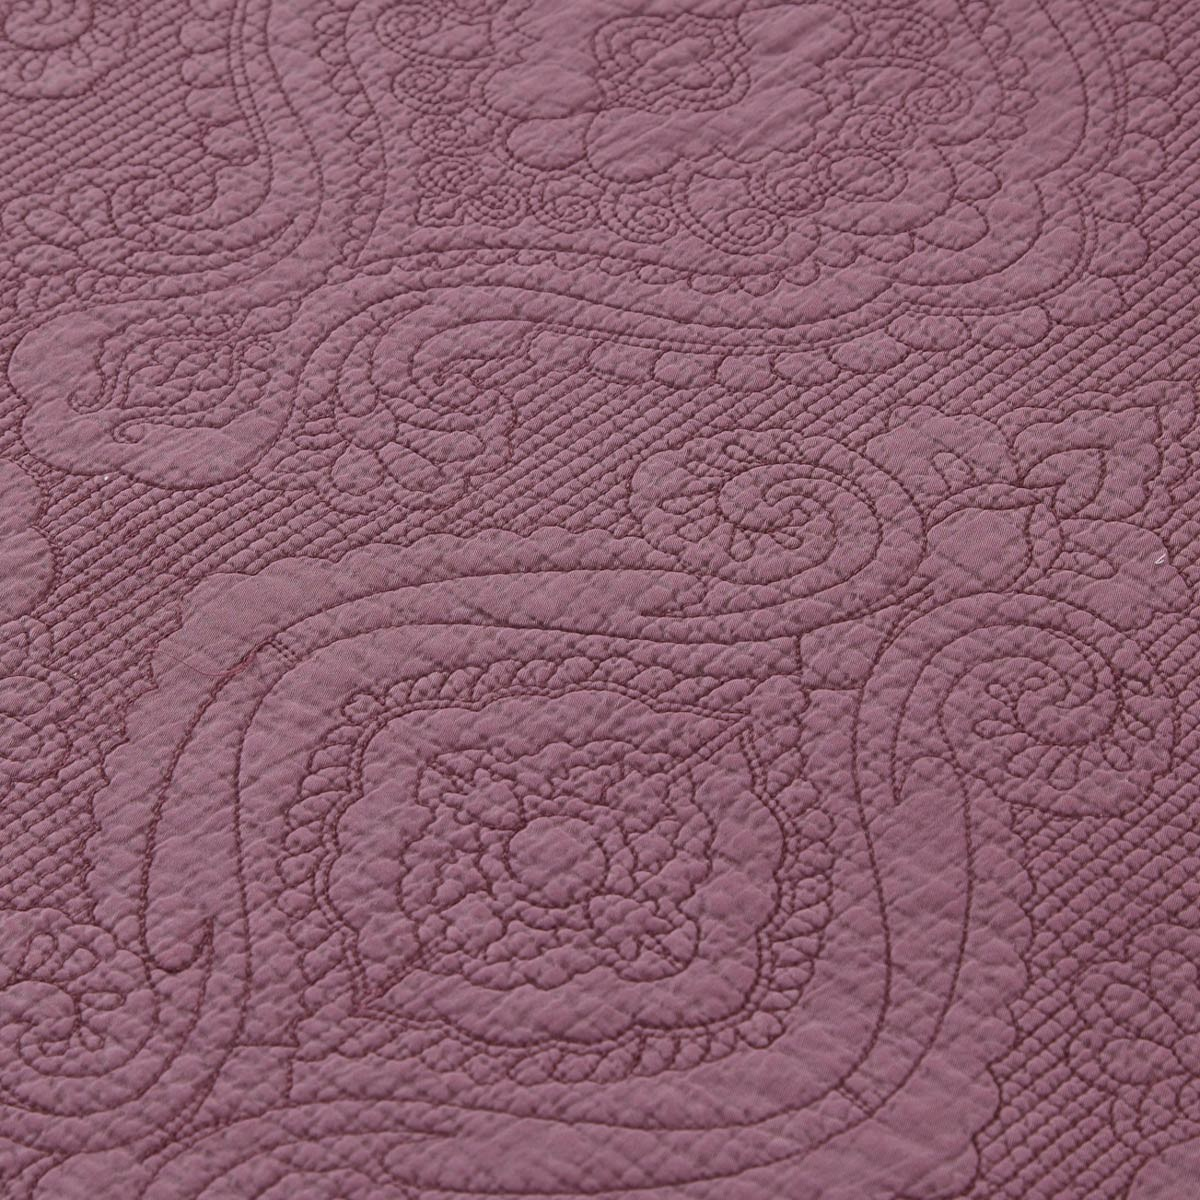 Parure couvre lit lulu aubergine tradition des vosges - Couvre lit aubergine ...